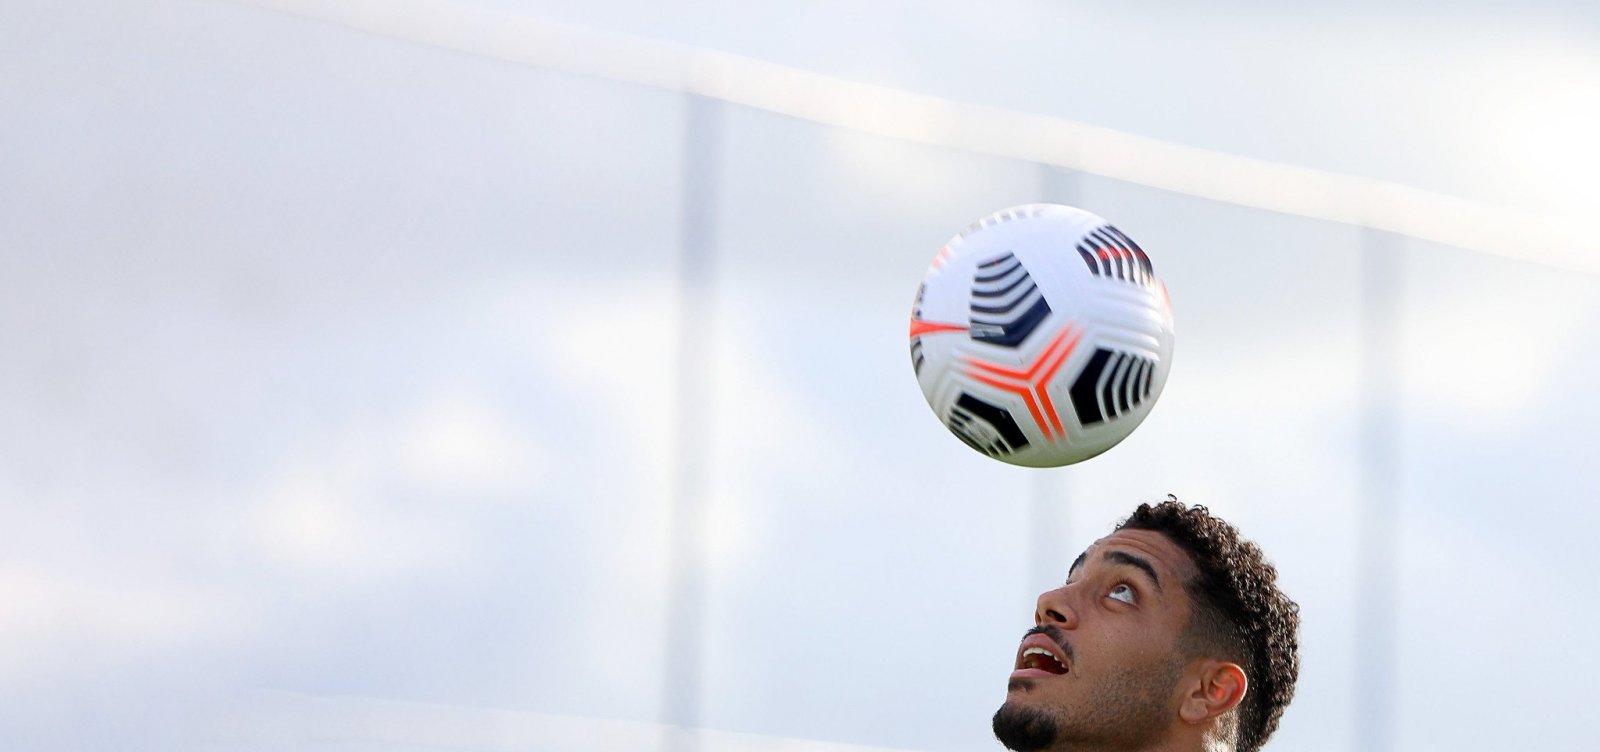 Jogo do Bahia no Baianão é suspenso após ação do Sindicato dos Atletas